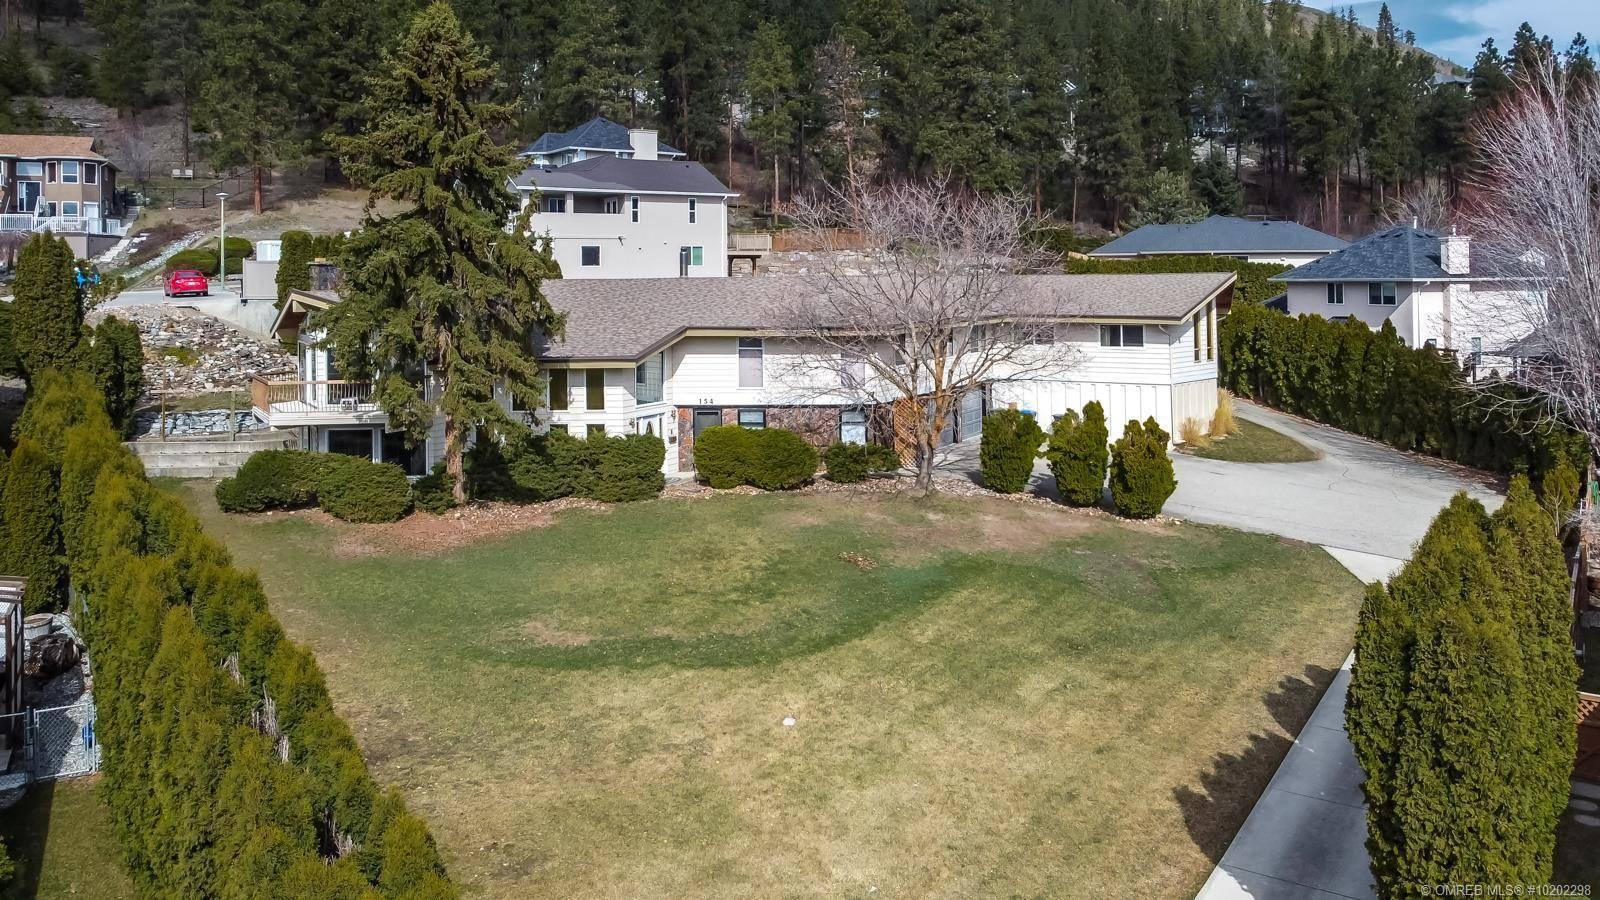 House for sale at 154 Applebrooke Cres Kelowna British Columbia - MLS: 10202298